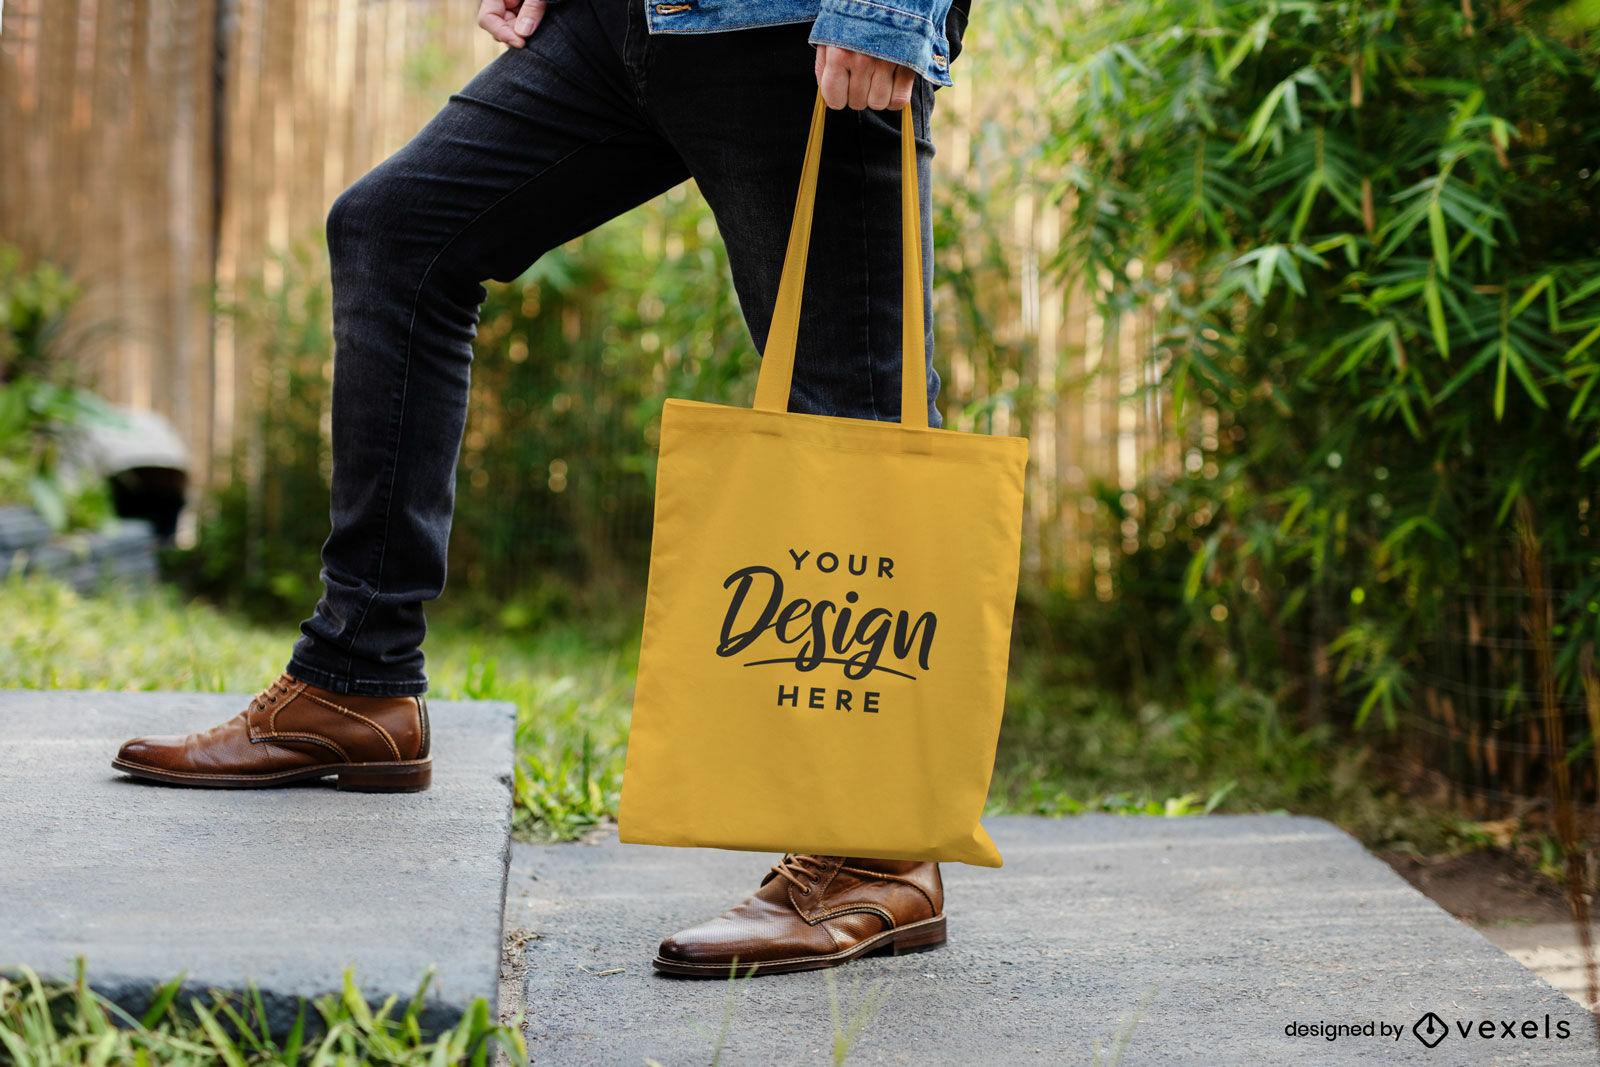 Bolso tote amarillo con maqueta de hombre en jard?n